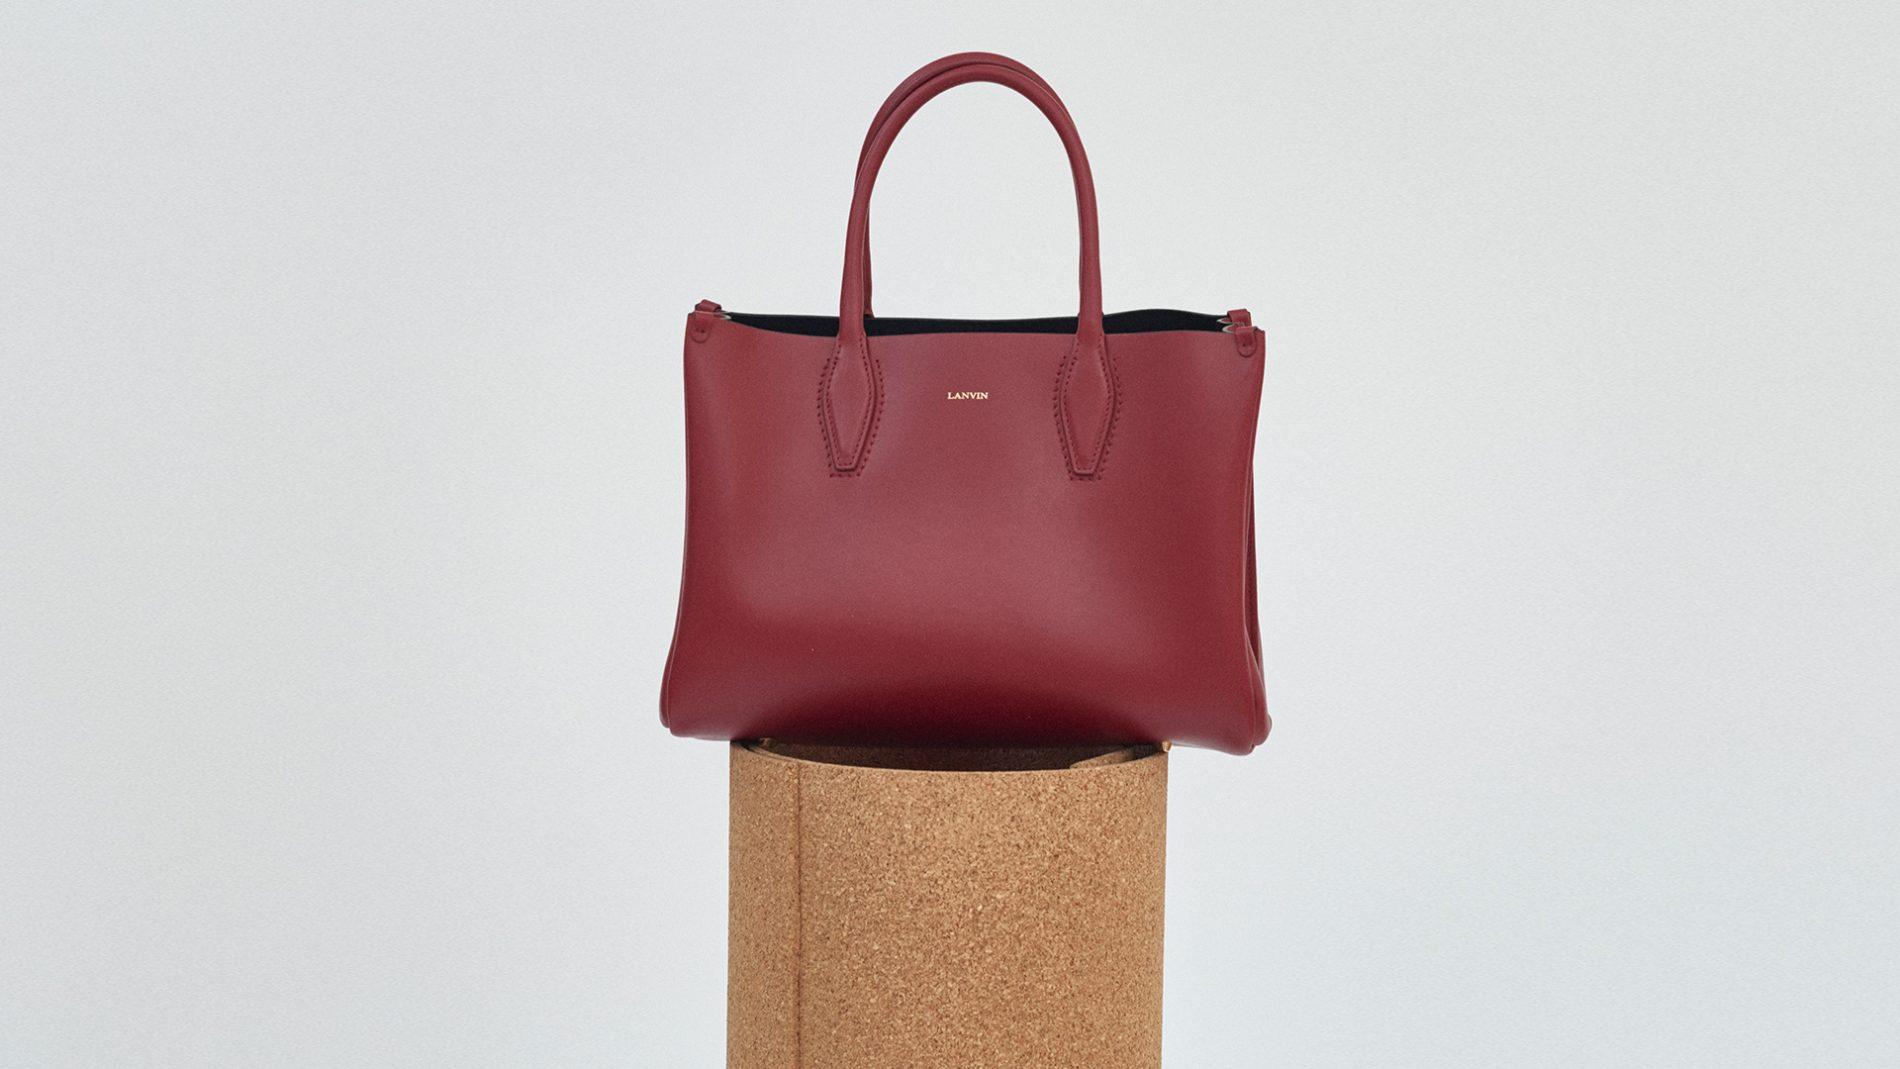 El Corte Inglés Designer Handbags Lanvin